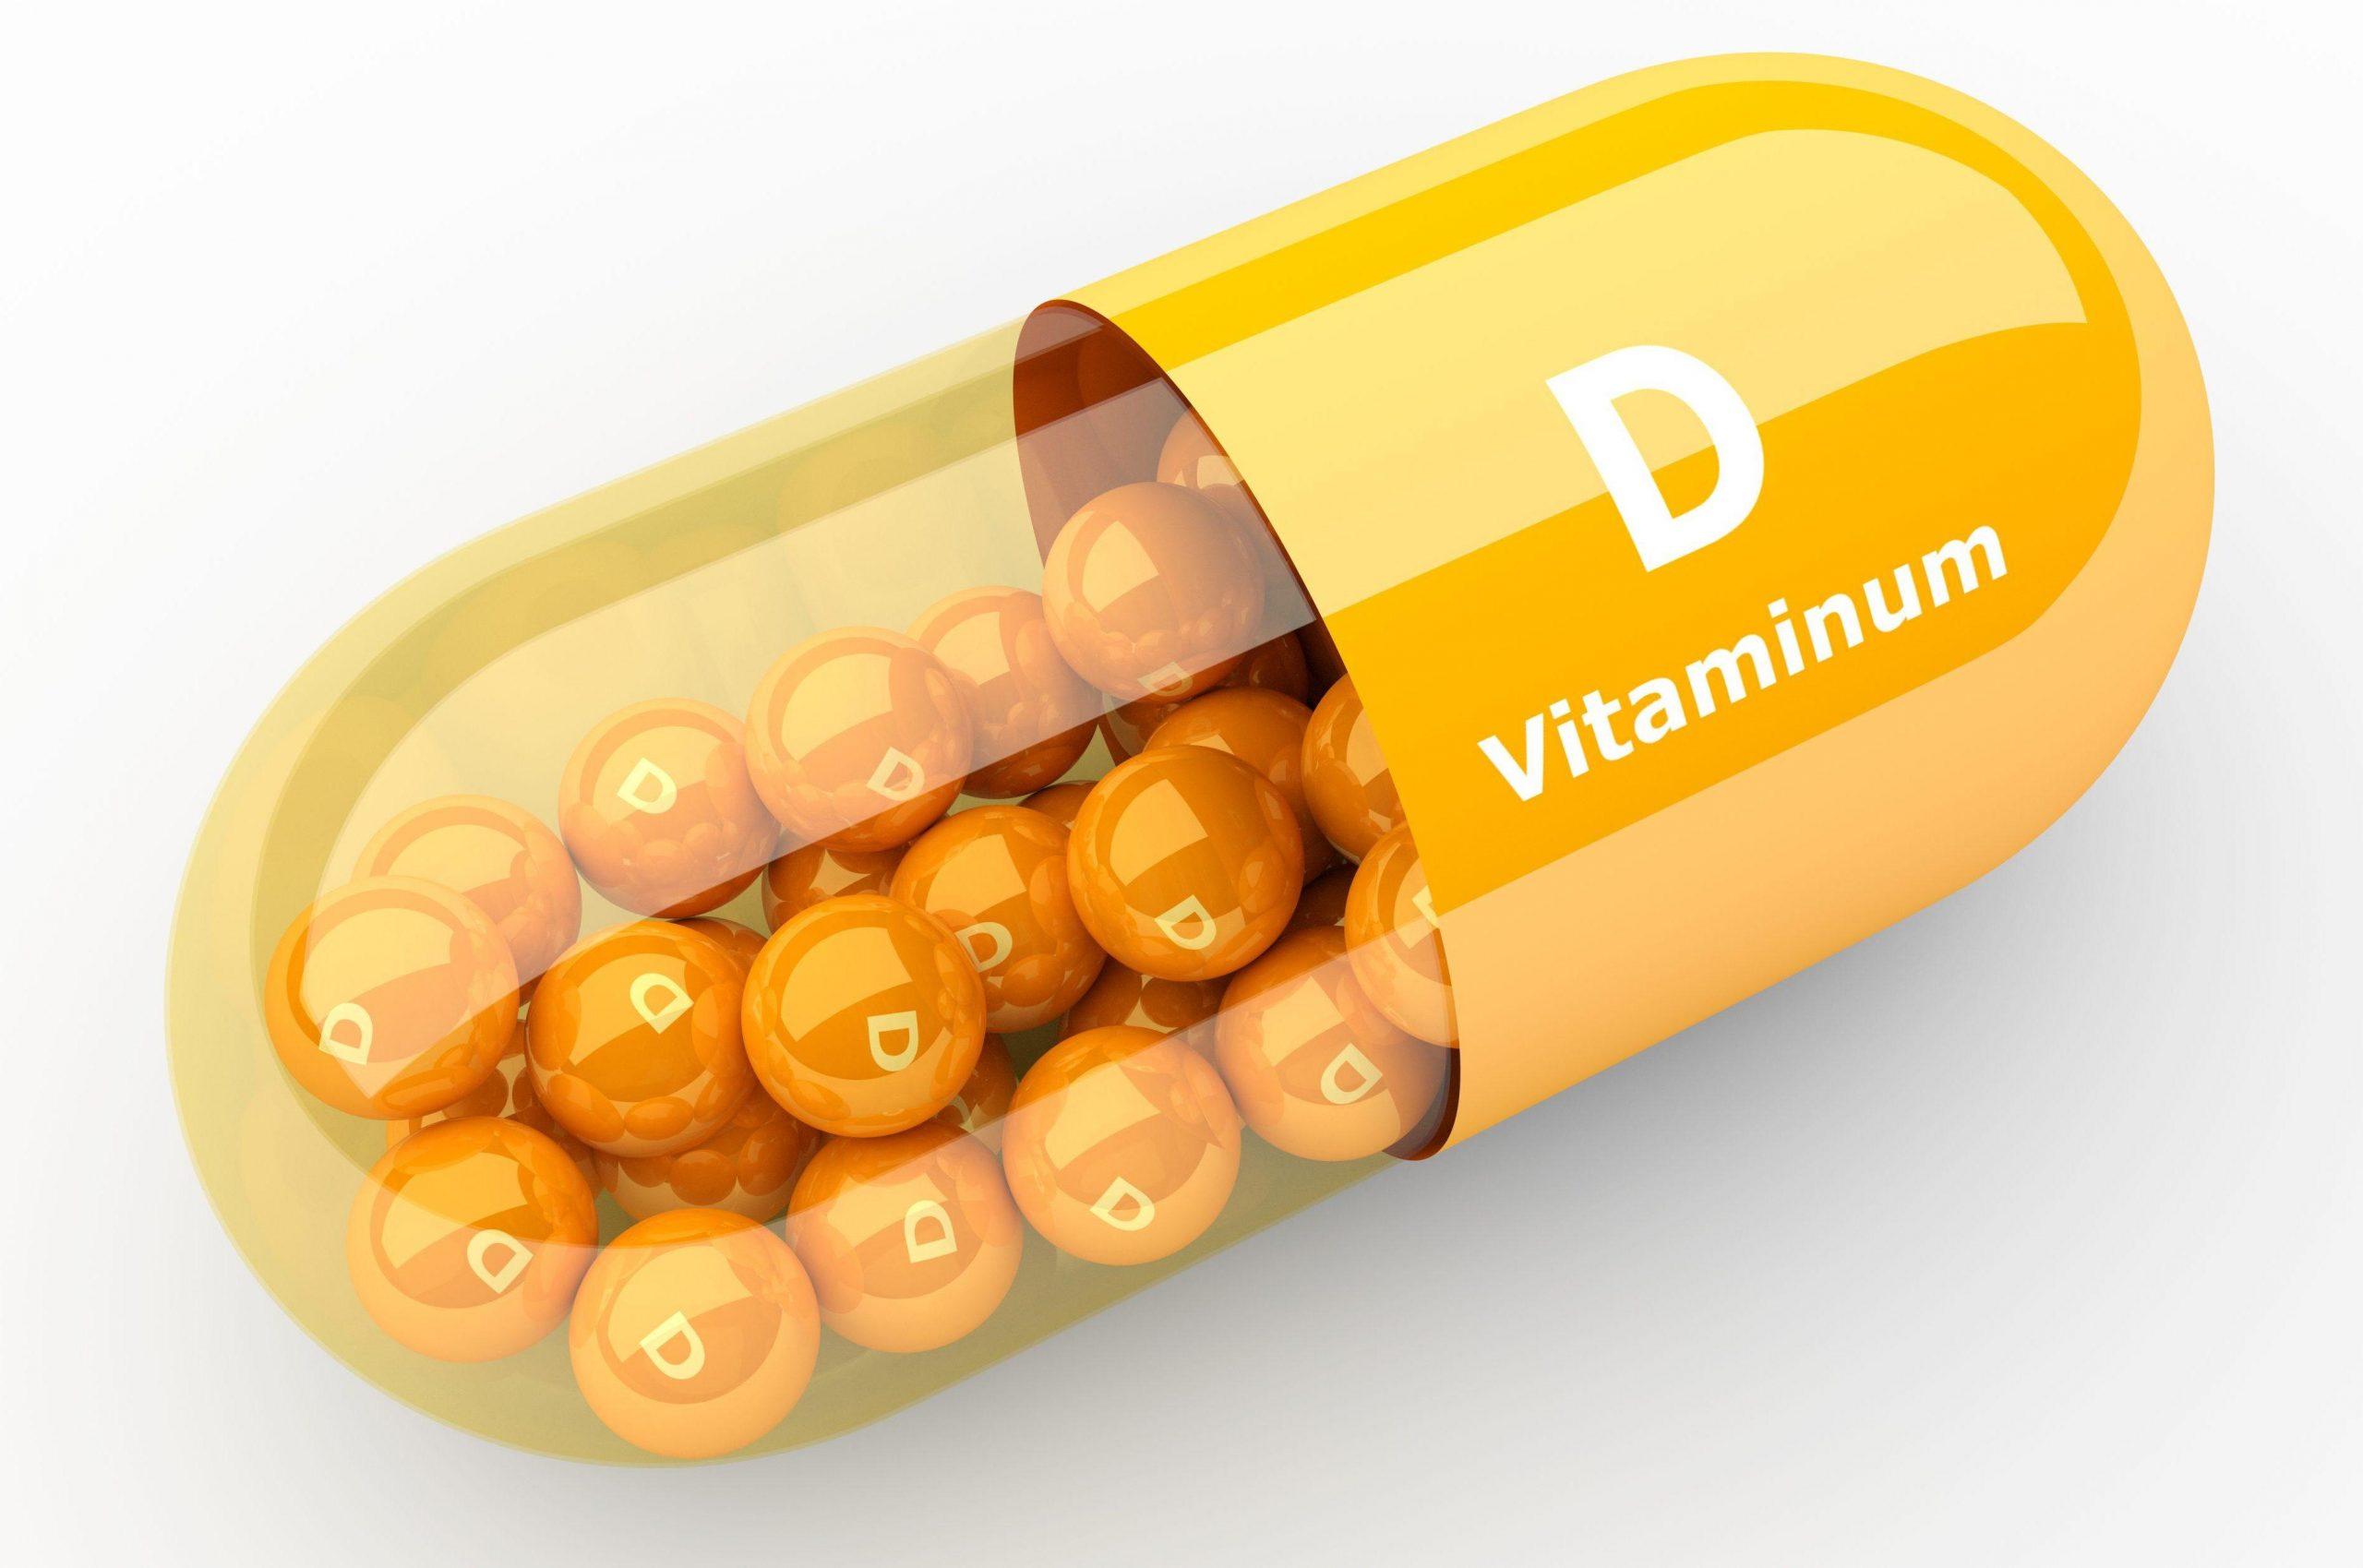 Витамин D: для чего он нужен и где его найти?